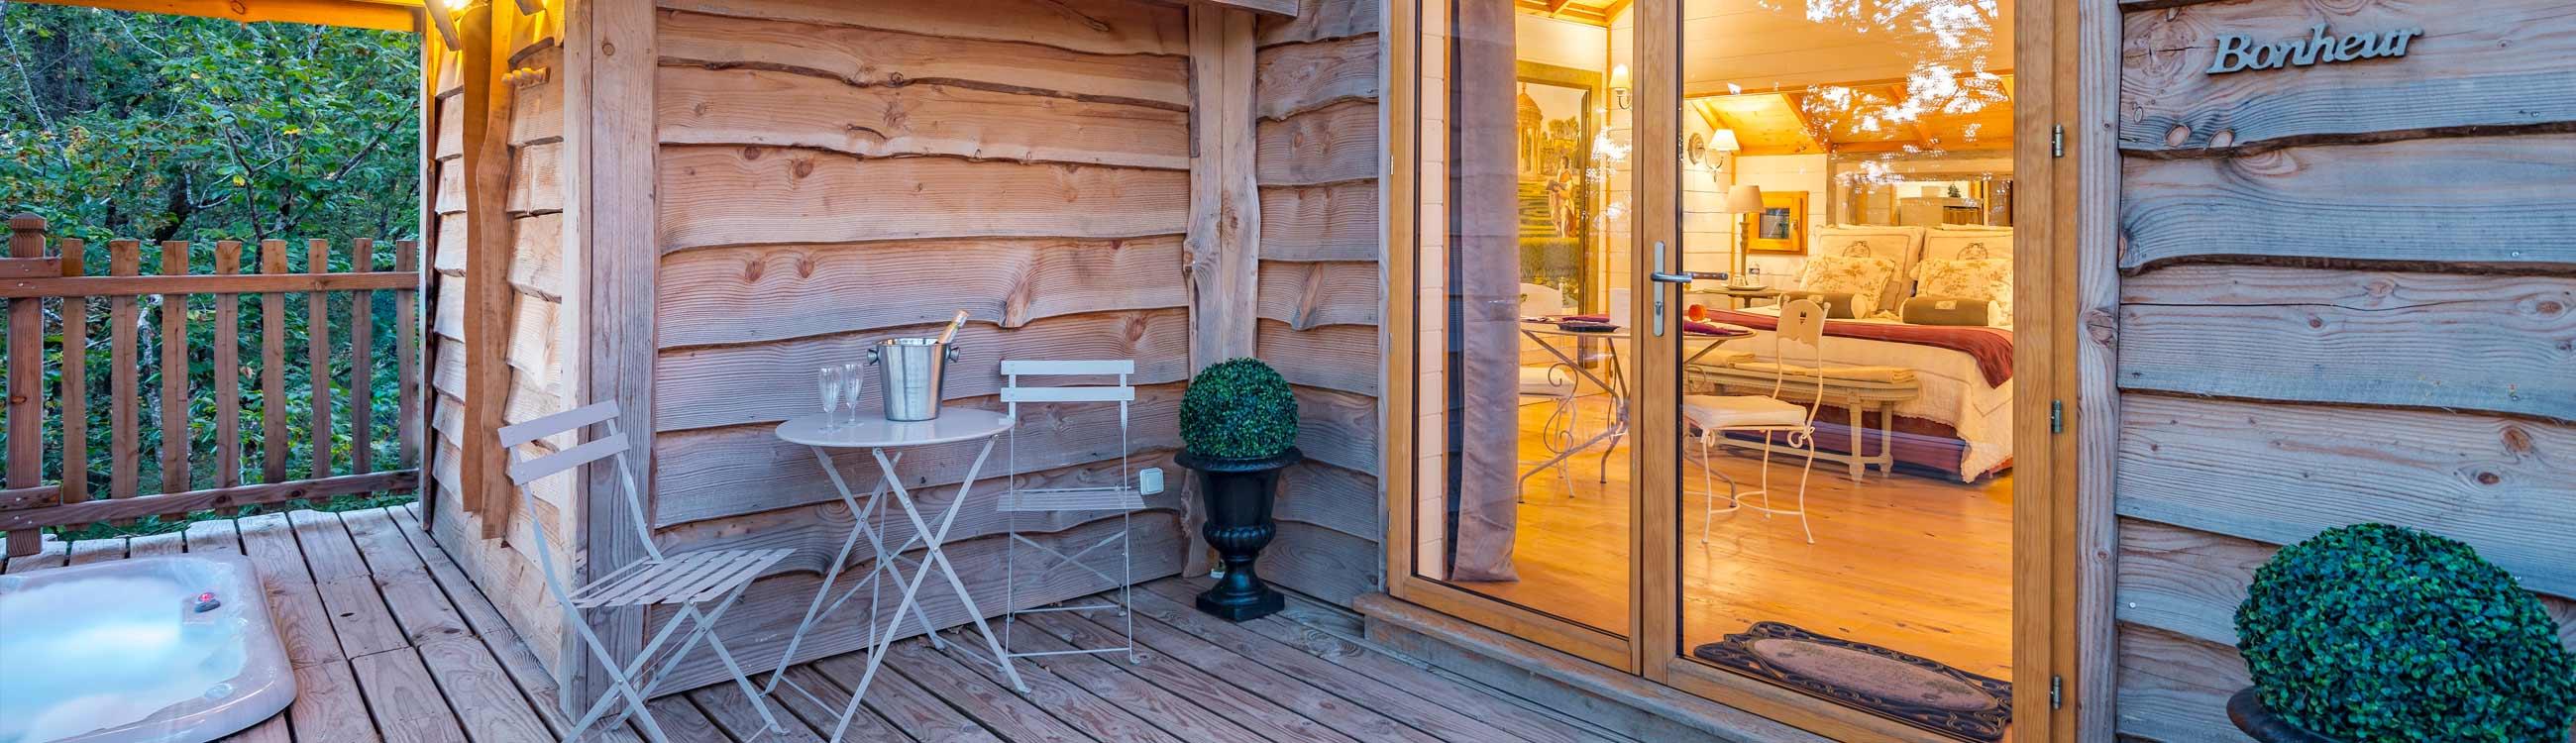 frais chambre avec jacuzzi privatif sud ouest. Black Bedroom Furniture Sets. Home Design Ideas